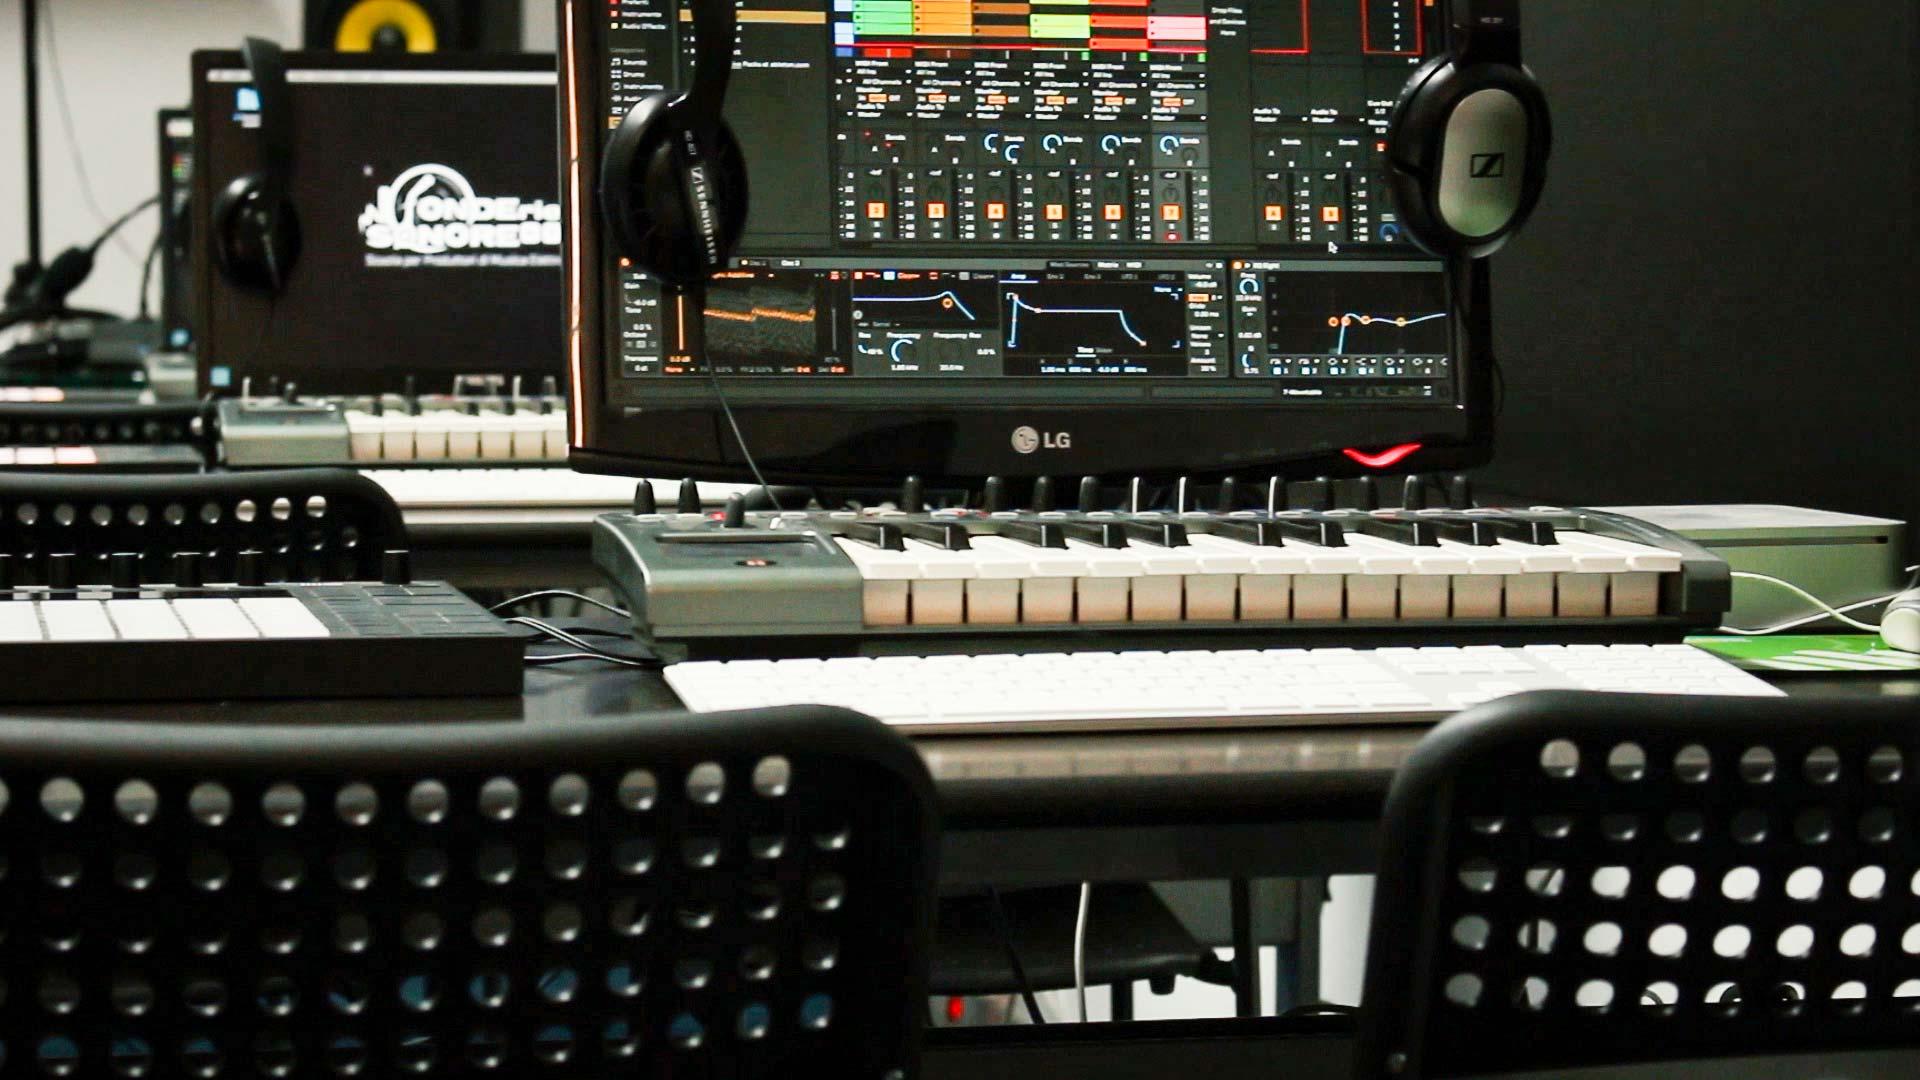 Corso di Sintesi e Campionamento - Corsi di Musica Elettronica